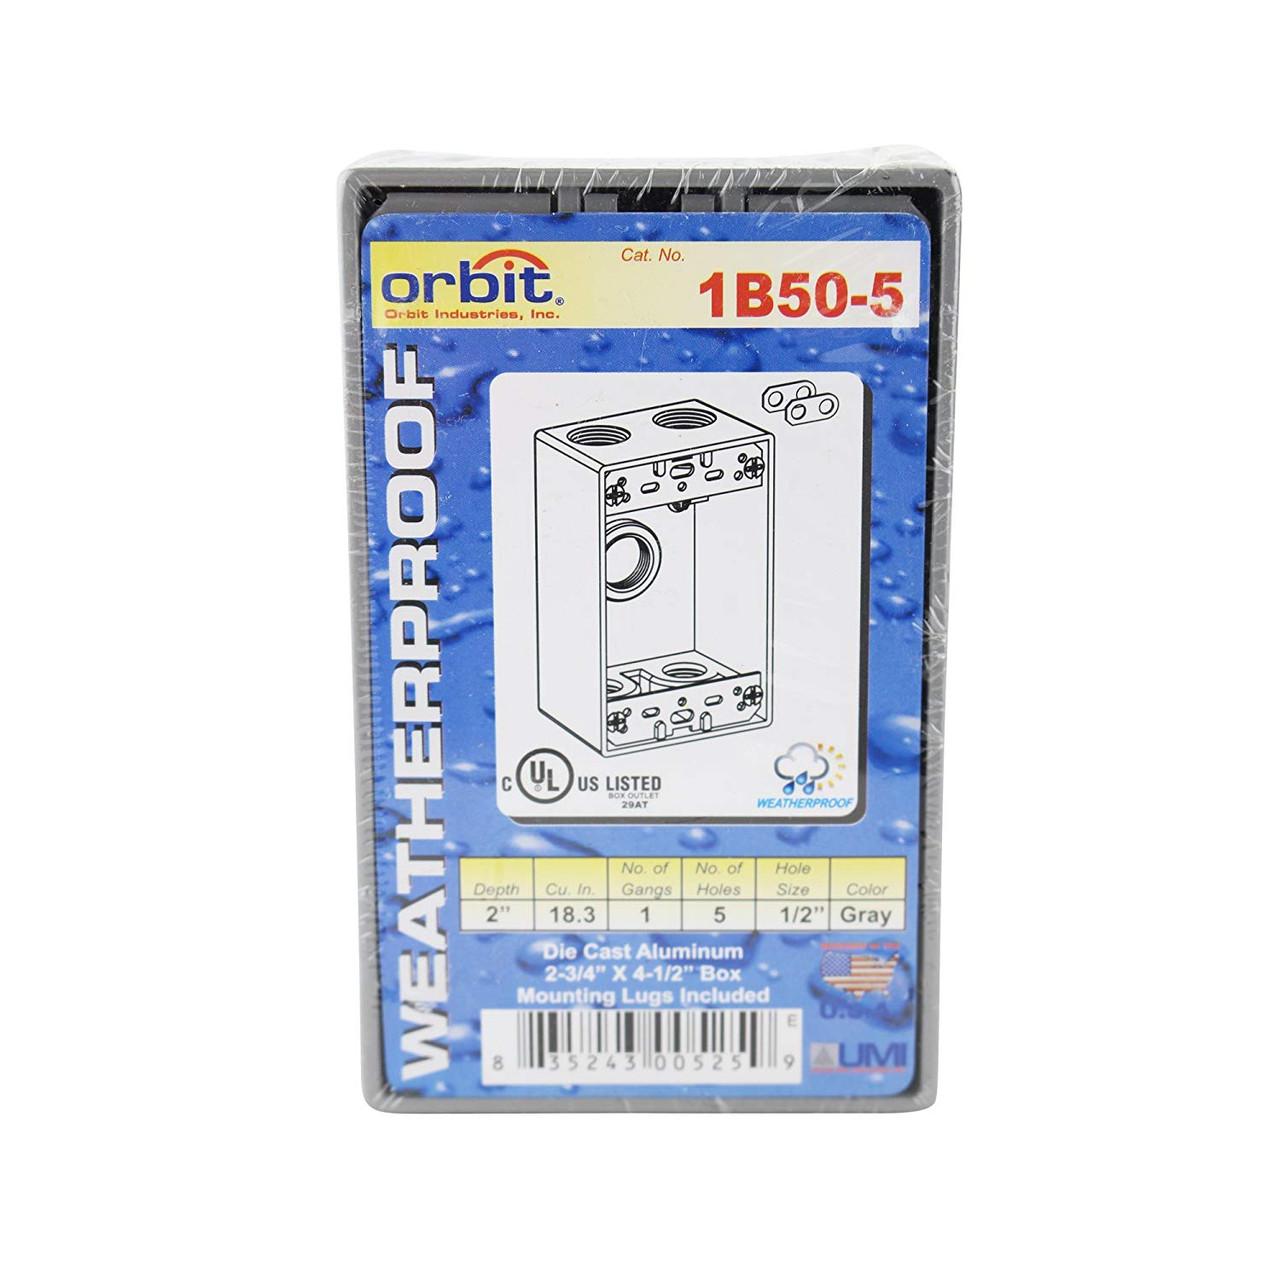 Orbit ORB 1B50-5